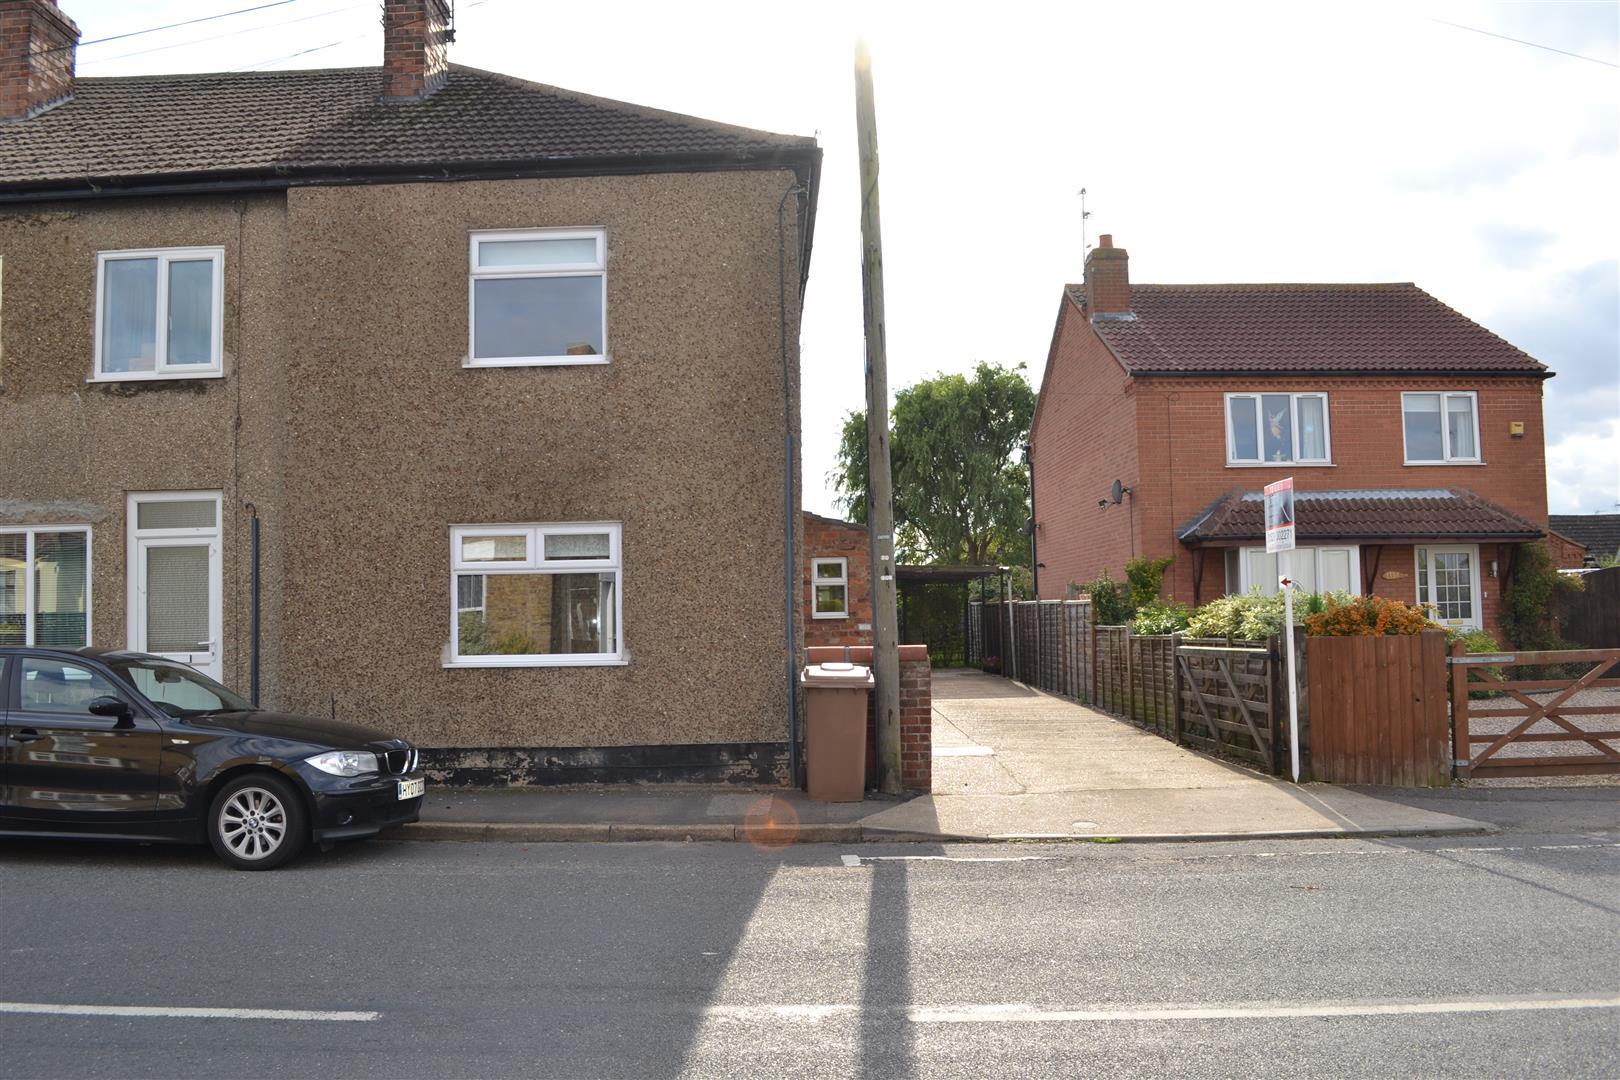 2 bedroom property in Billinghay